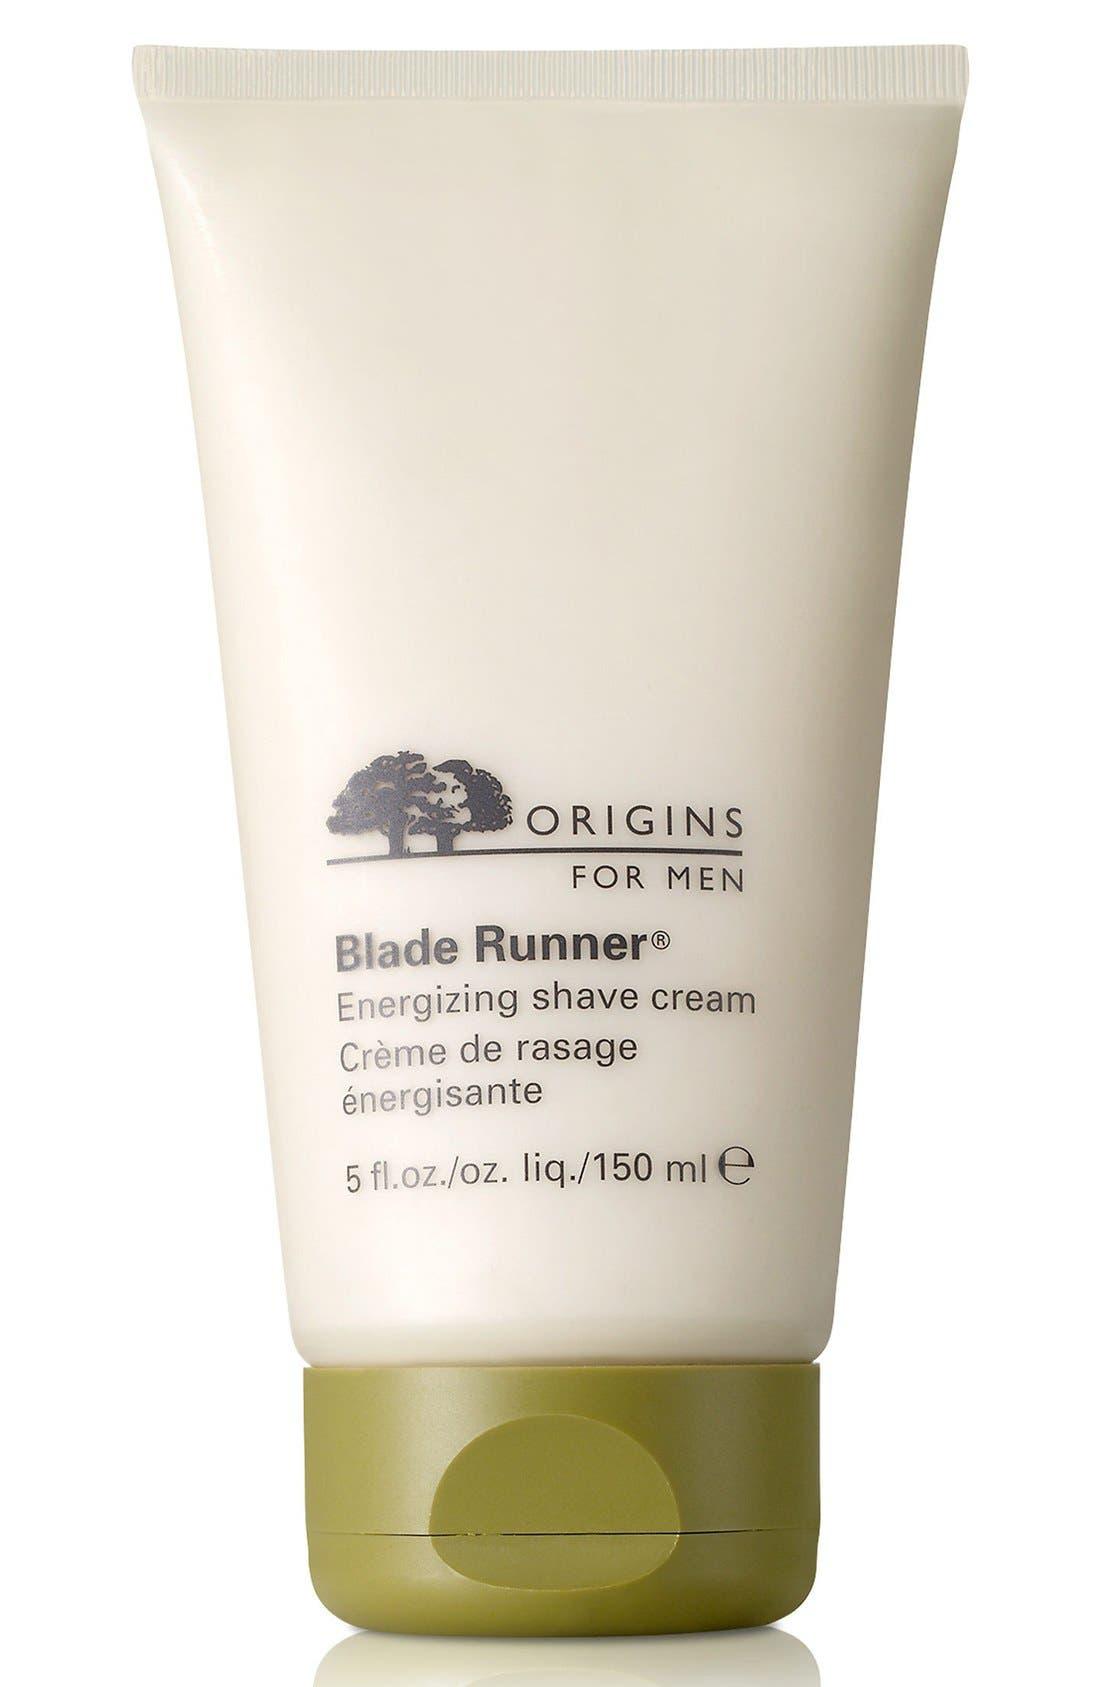 Origins Blade Runner® Energizing Shave Cream